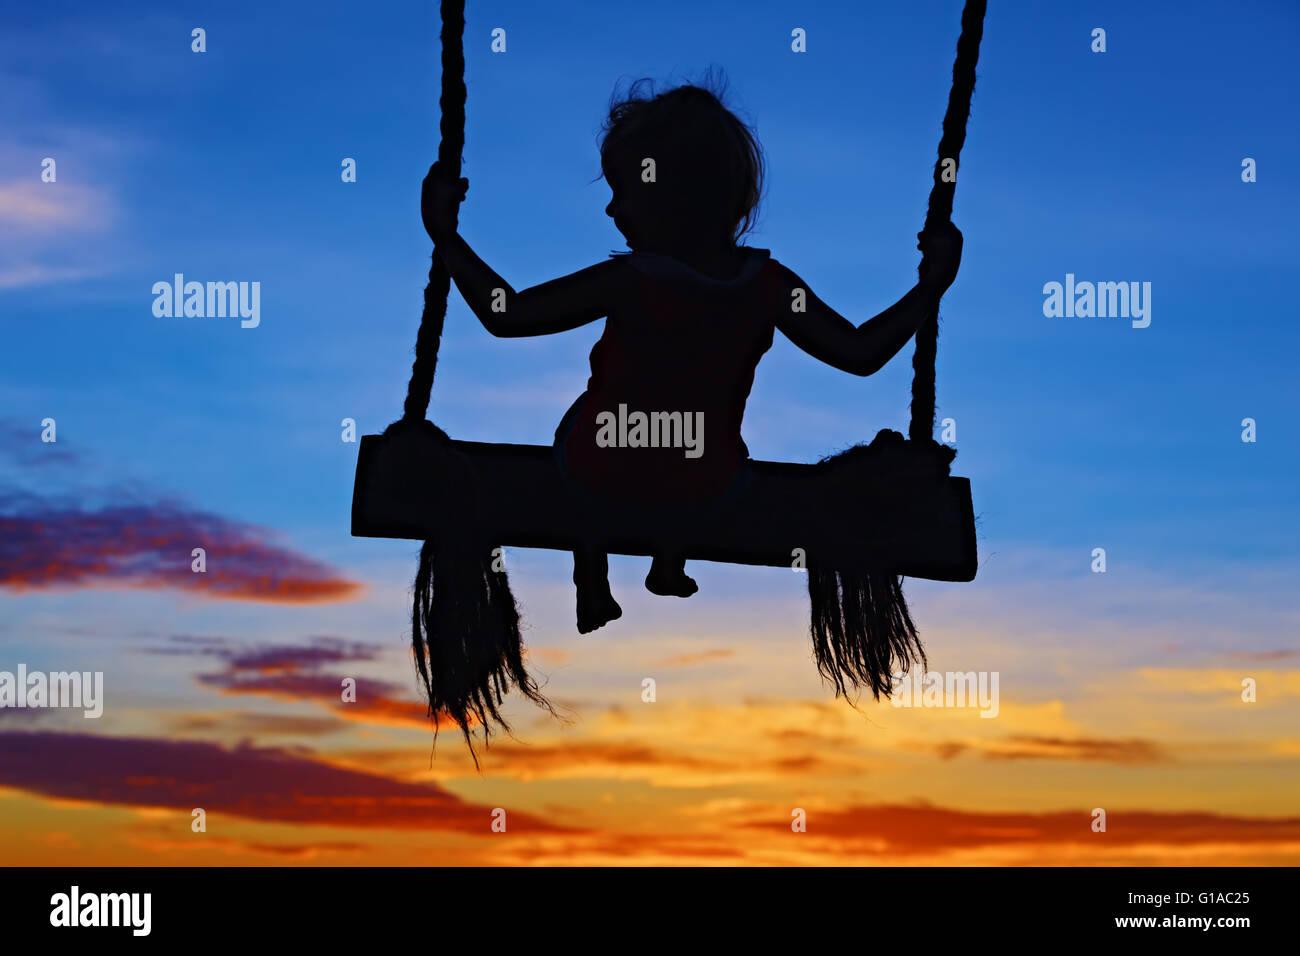 Silueta negra de niña volando alto con la diversión el columpio en el atardecer naranja azul cielo de Imagen De Stock